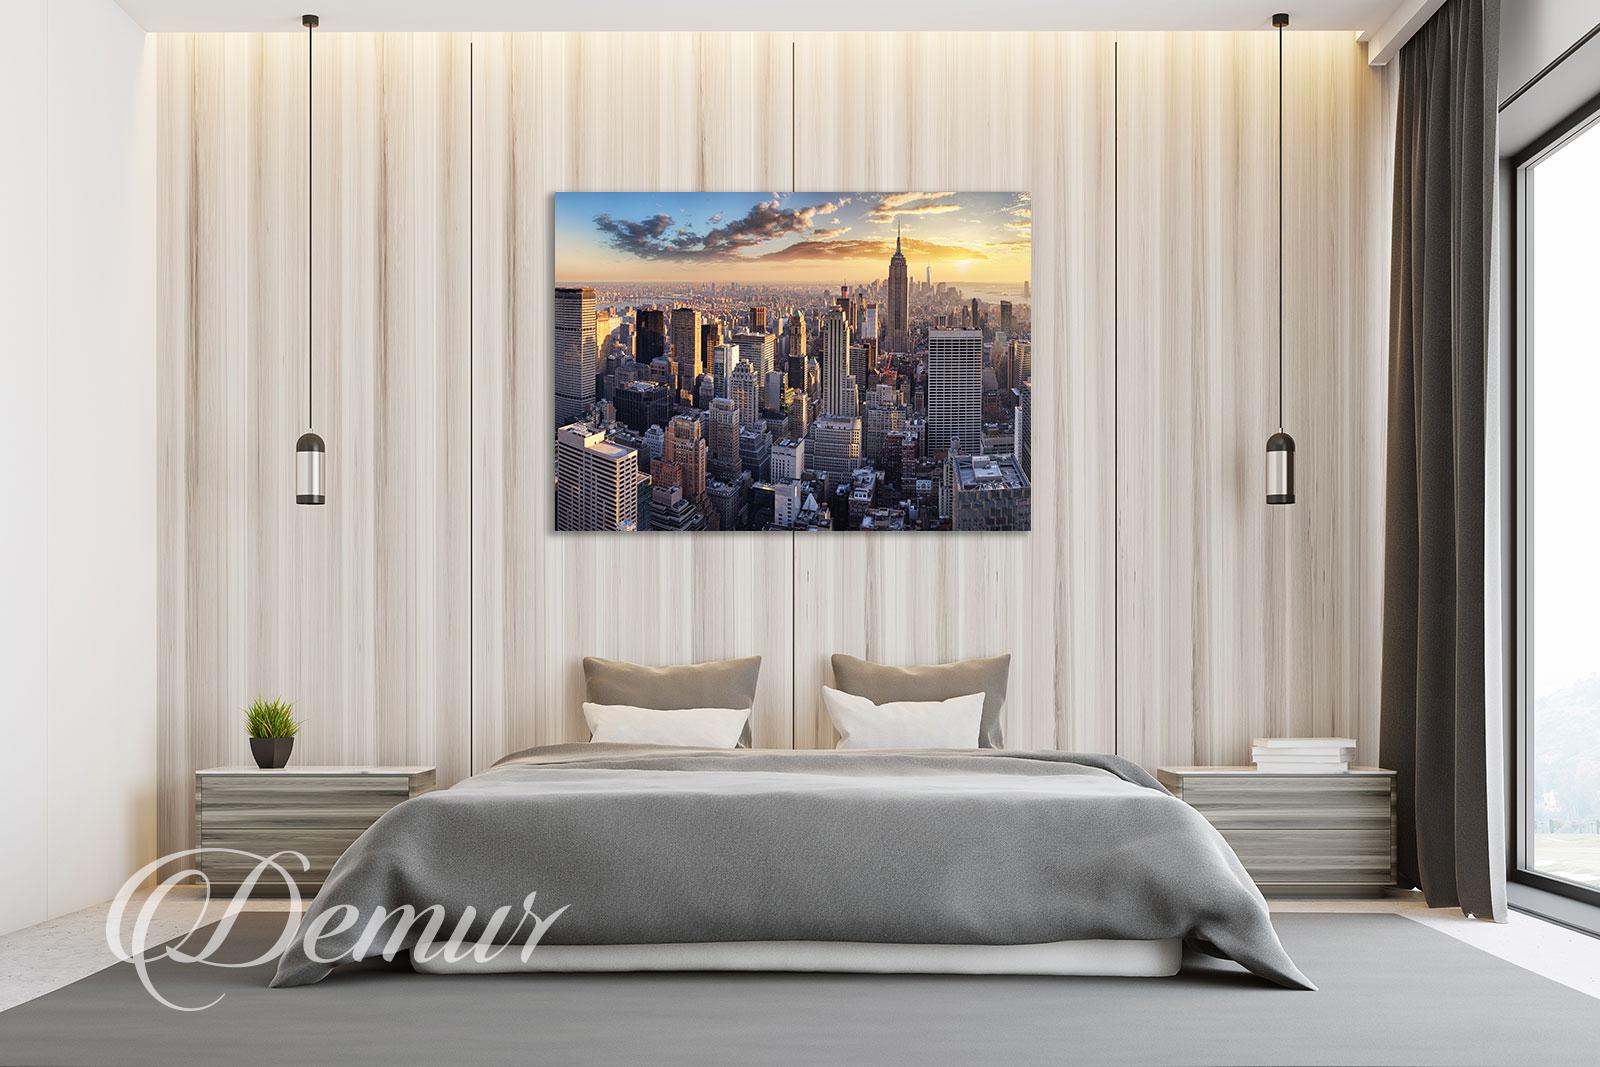 Obraz miasto o zachodzie słońca - Pomysł na ścianę w sypialni - Demur